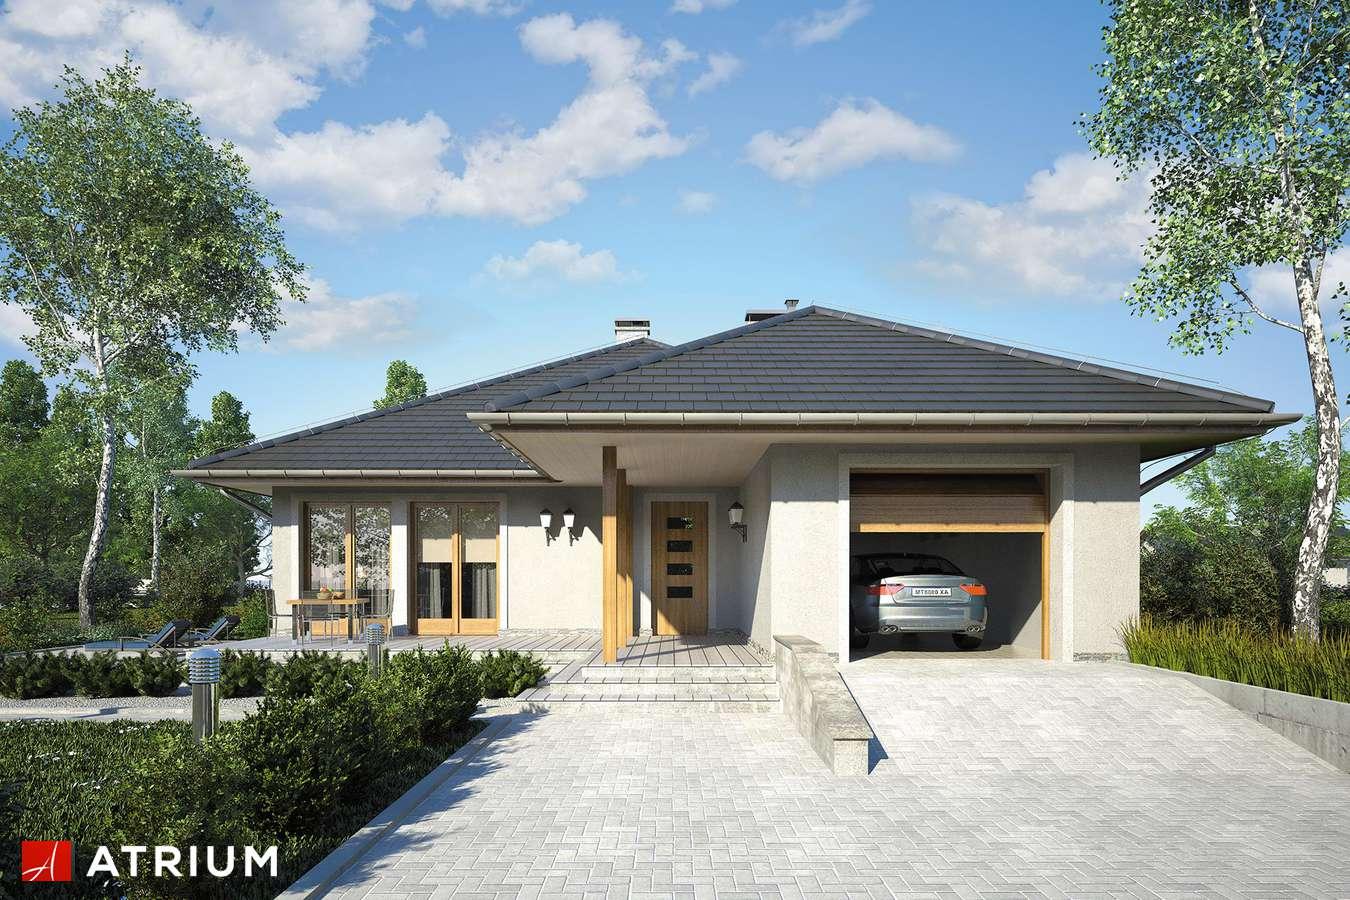 Projekty domów - Projekt domu parterowego ALABAMA - wizualizacja 1 - wersja lustrzana